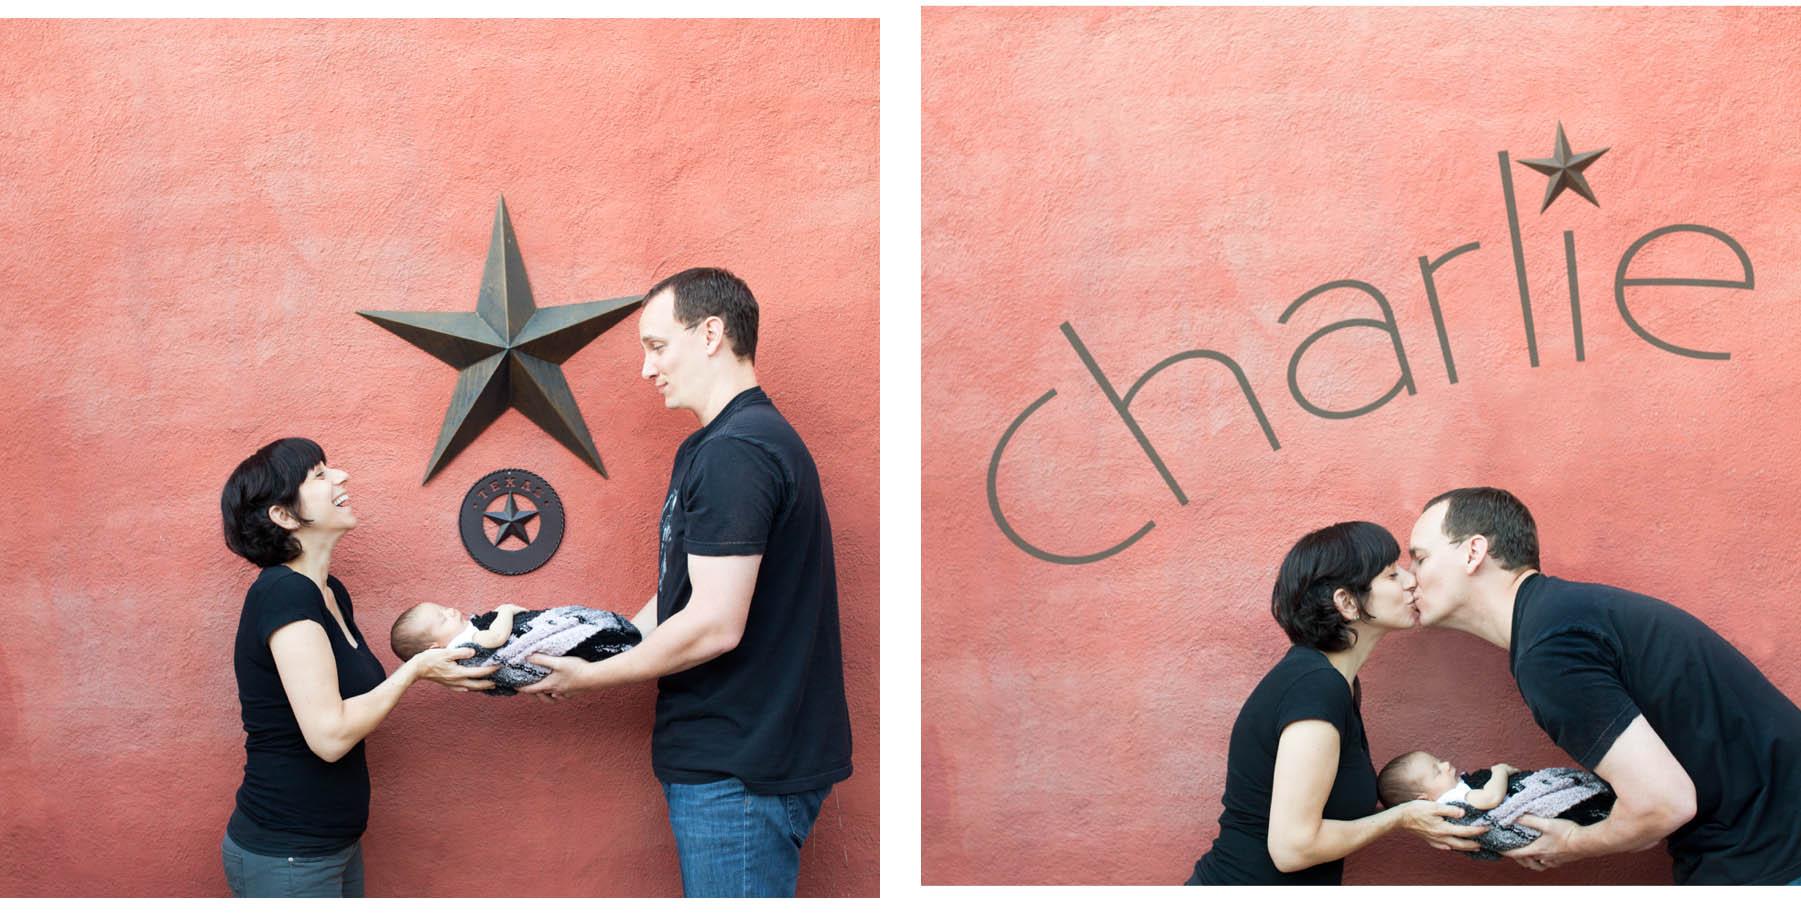 Charlie_D1 Cover.jpg